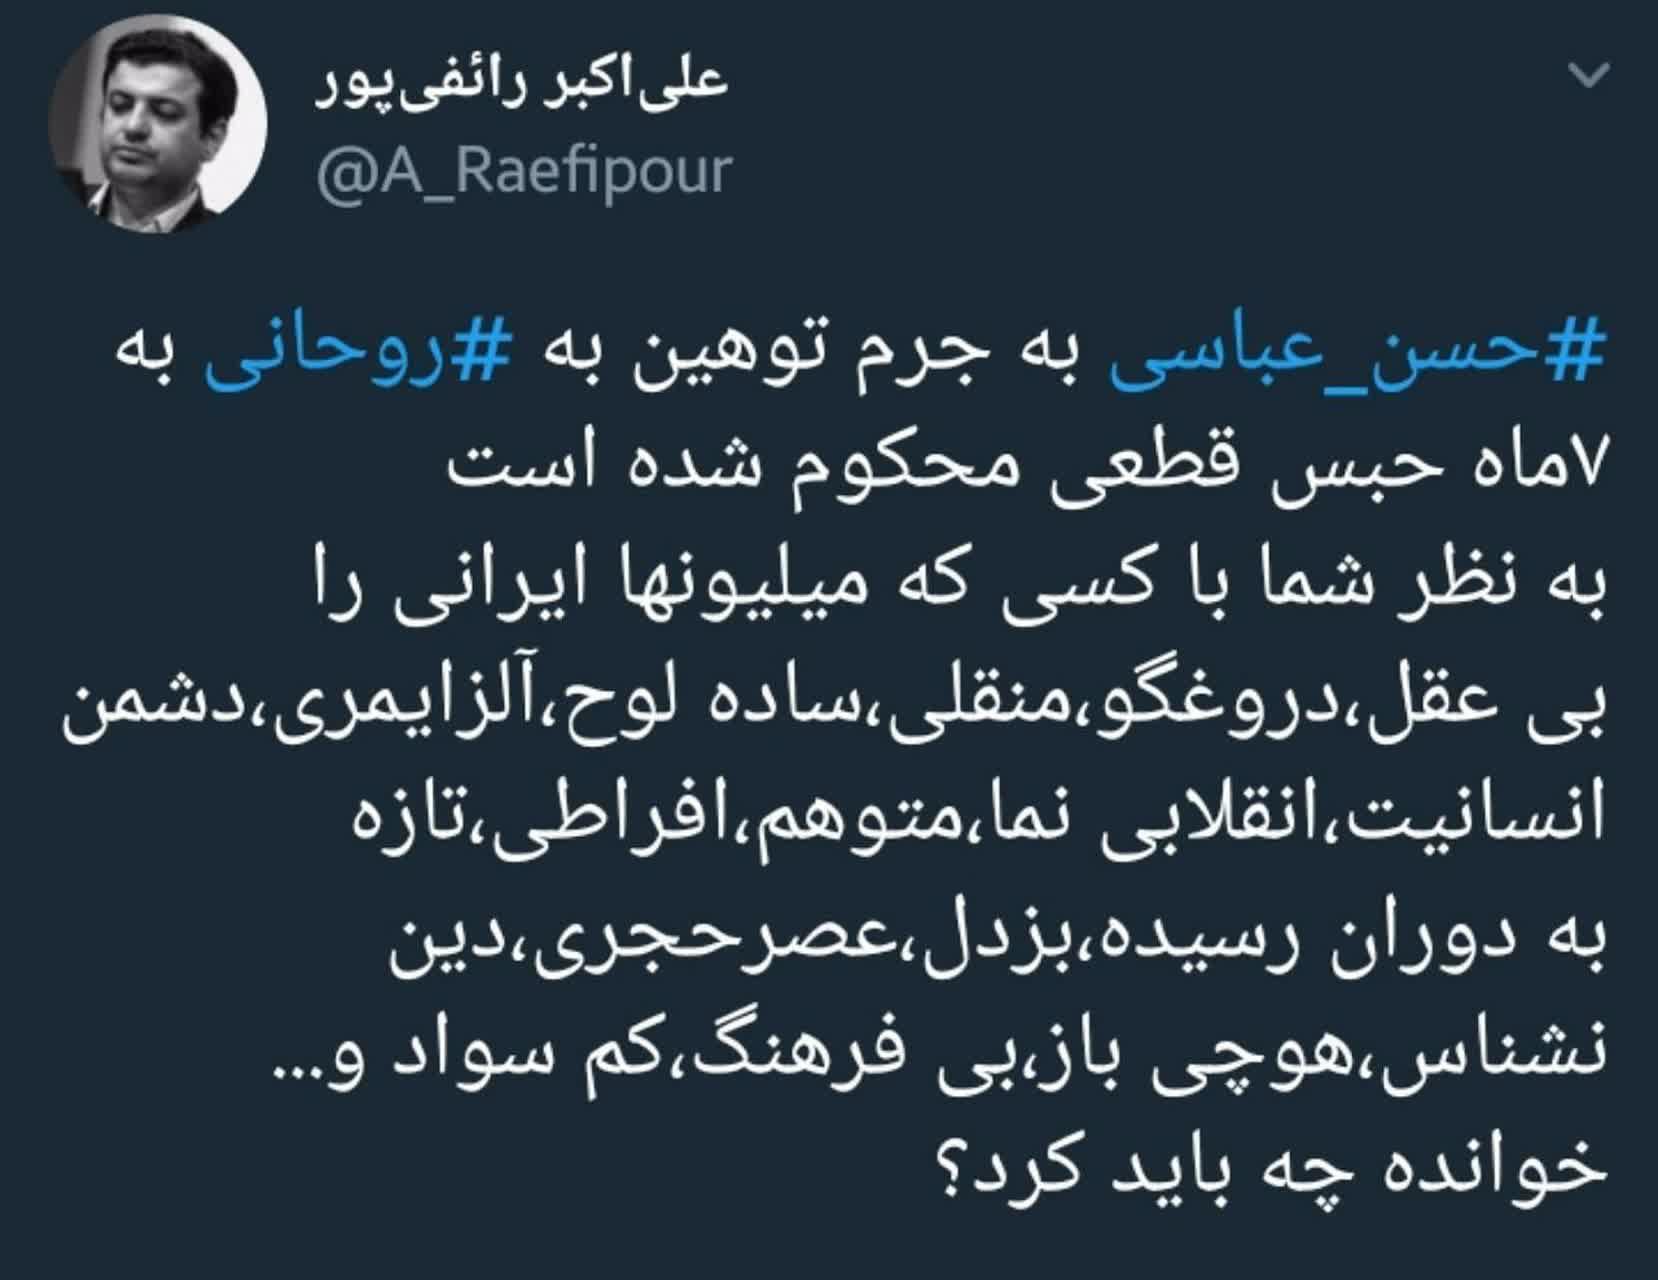 👤 توییت استاد #رائفی_پور در واکنش به حکم حبس #حسن_عباسی